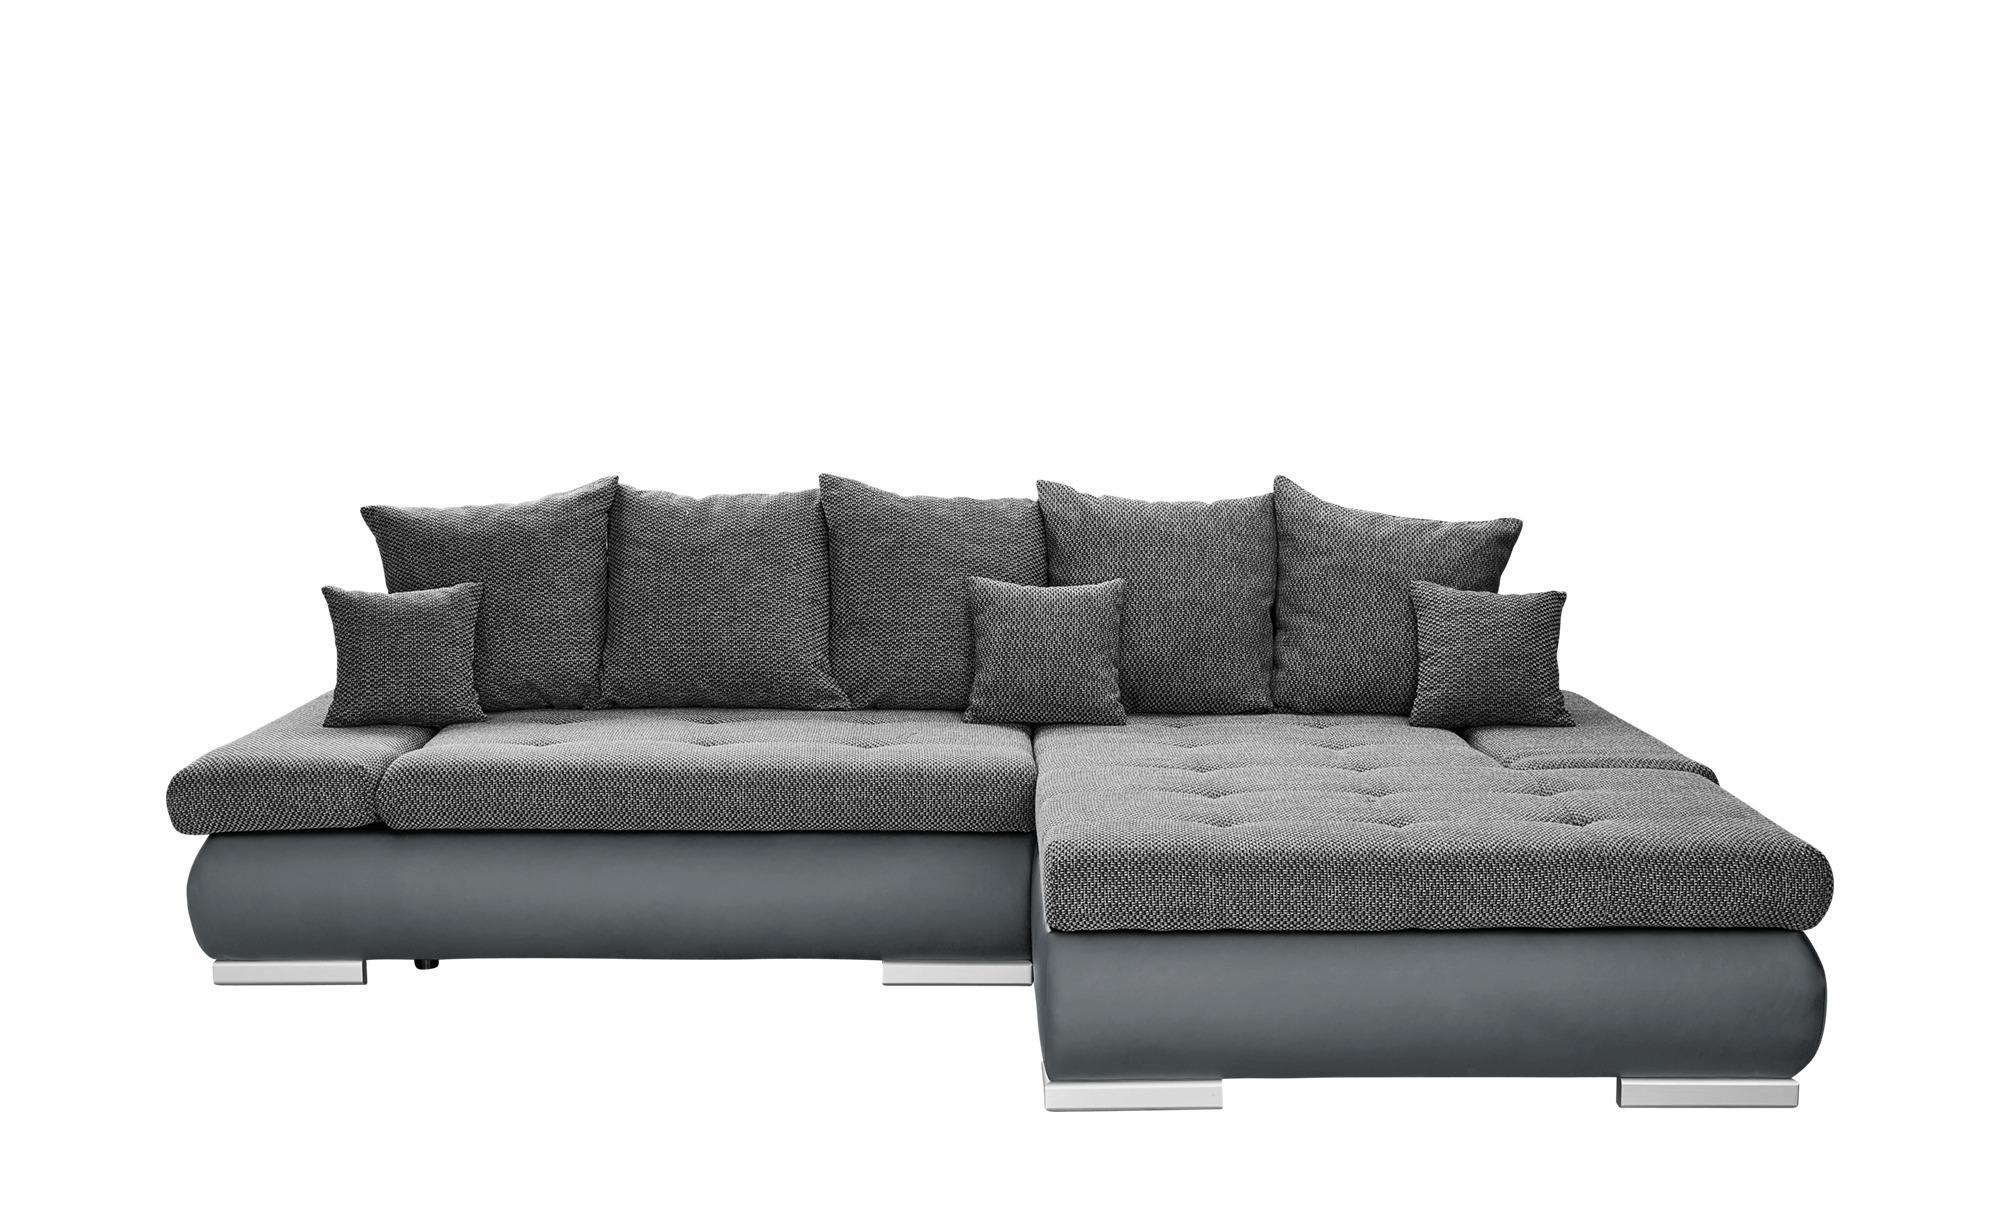 switch Eckcouch 2-farbig grau/schwarz - Kunstleder/Webstoff Ivan ¦ grau ¦ Maße (cm): H: 80 Polstermöbel > Sofas > Ecksofas - Höffner